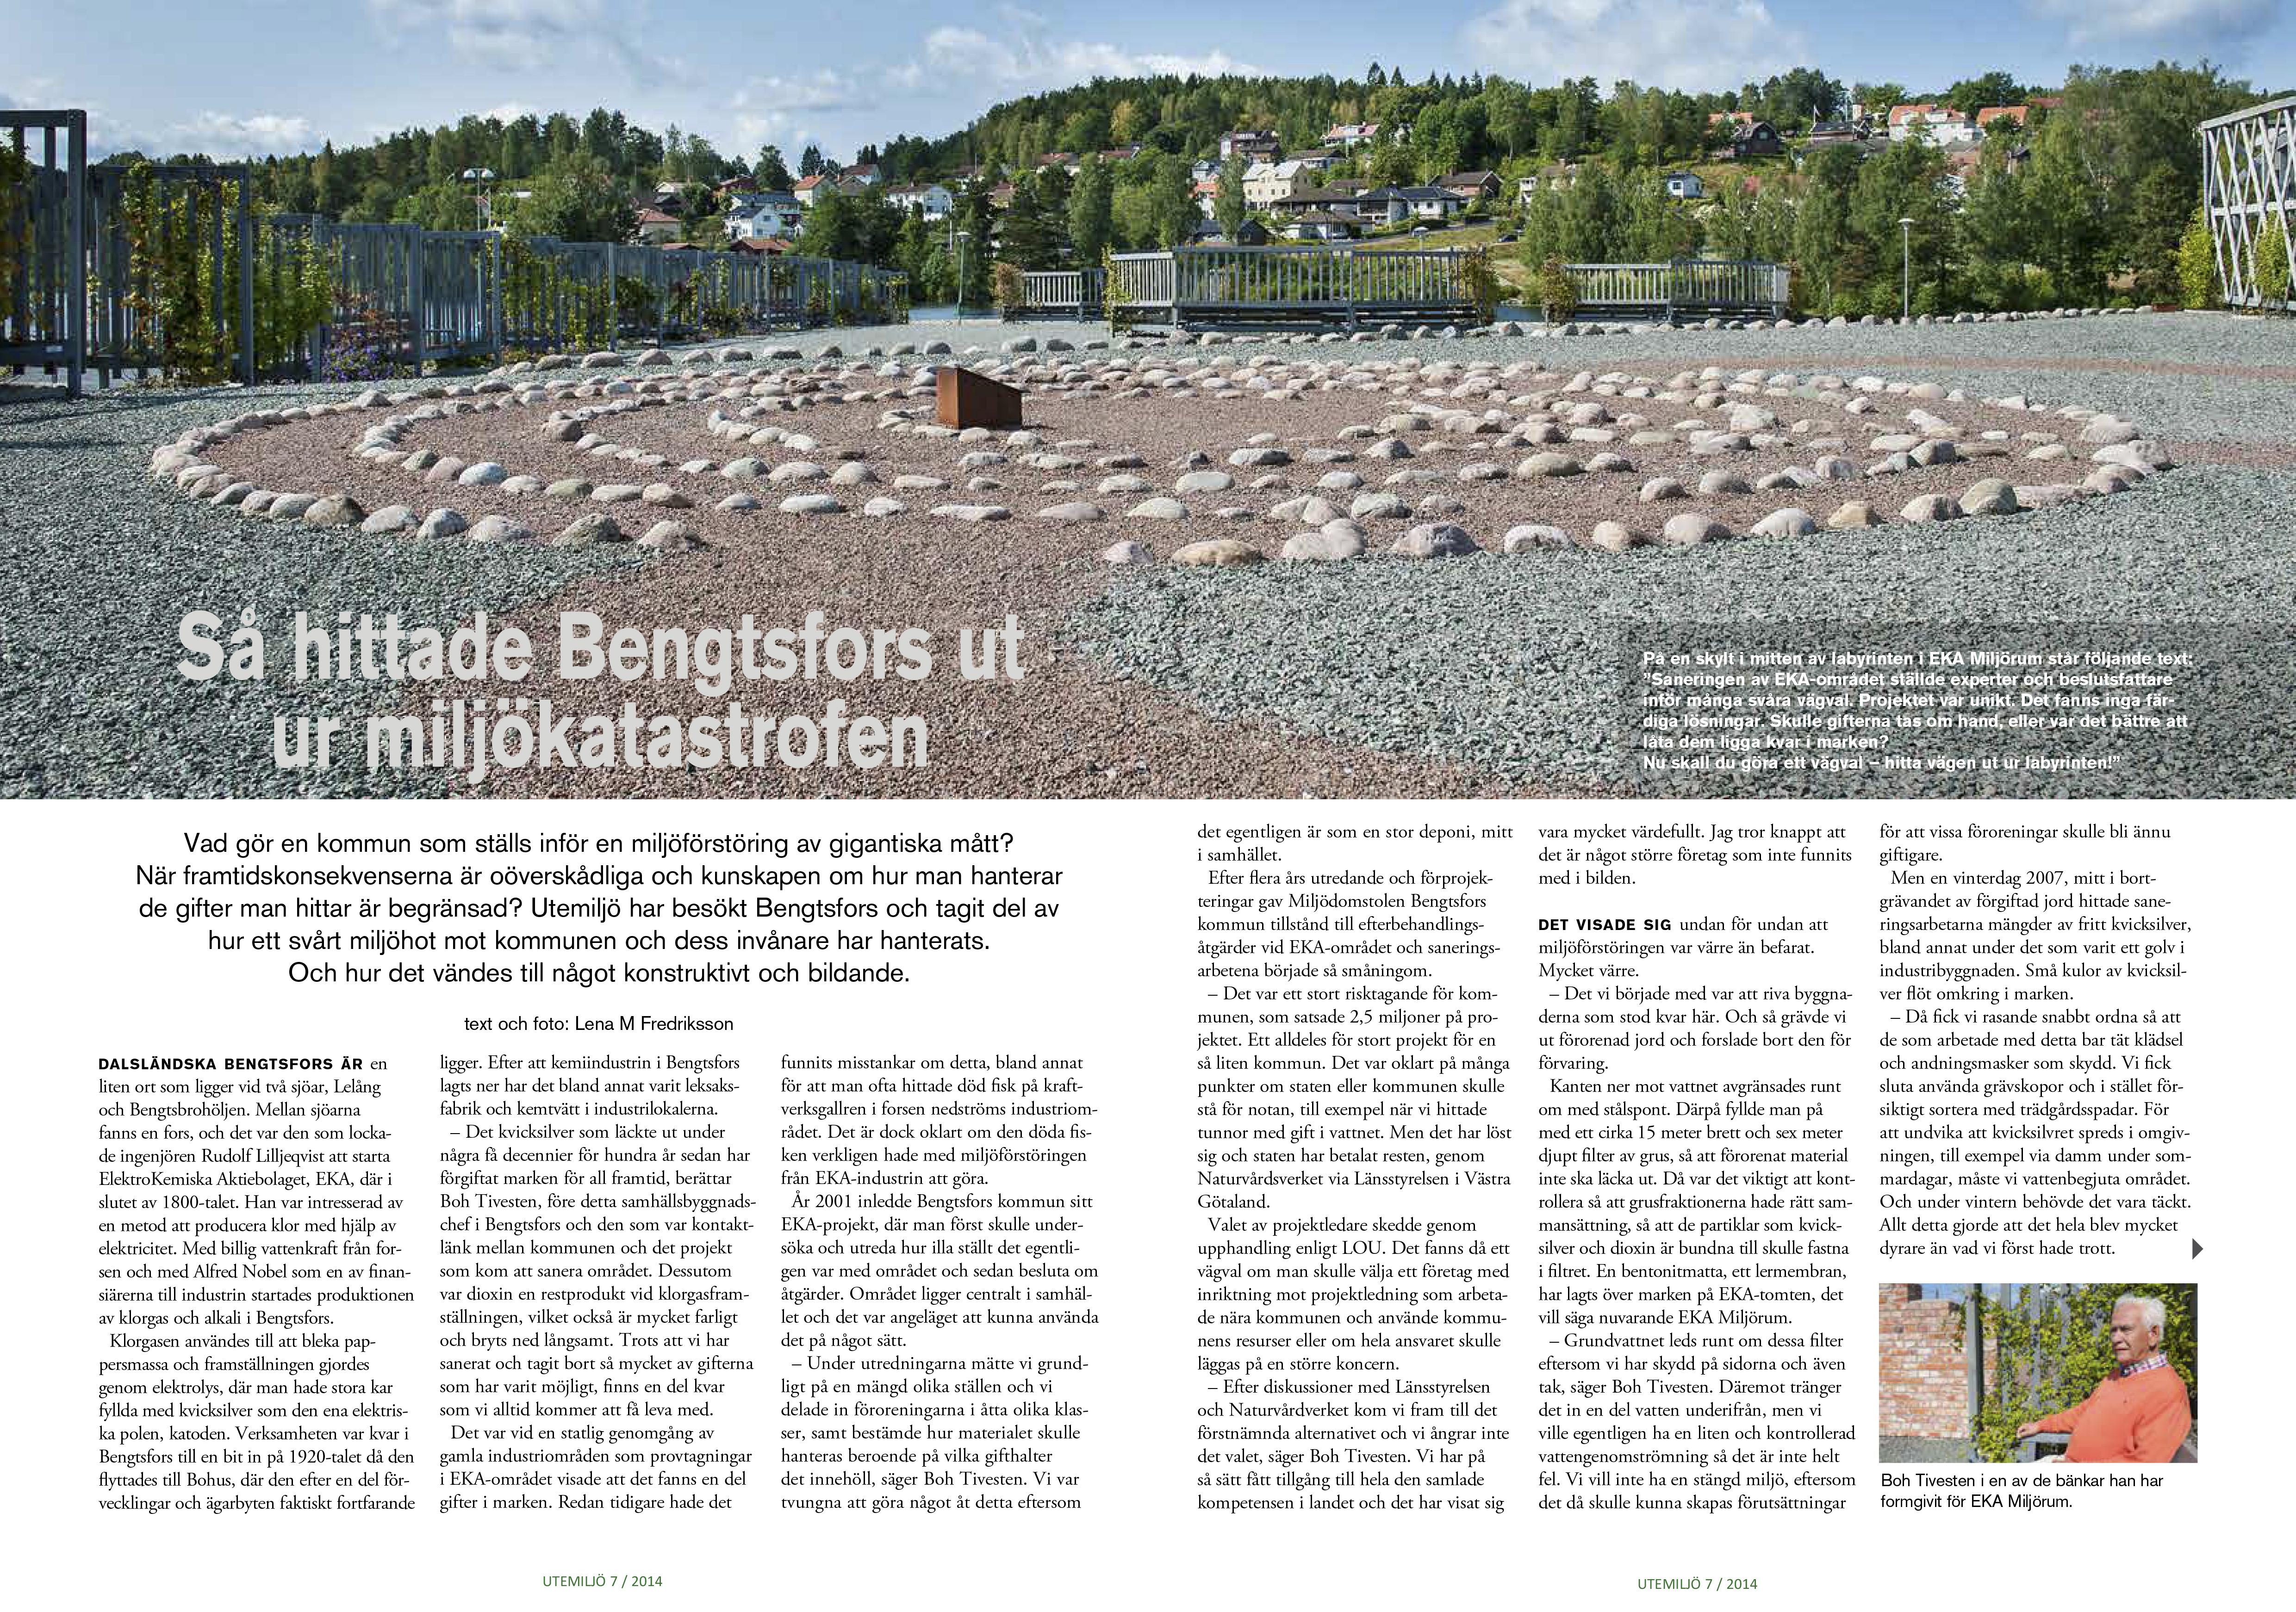 EKA miljörum Bengtsfors ur nr 7 2014-1